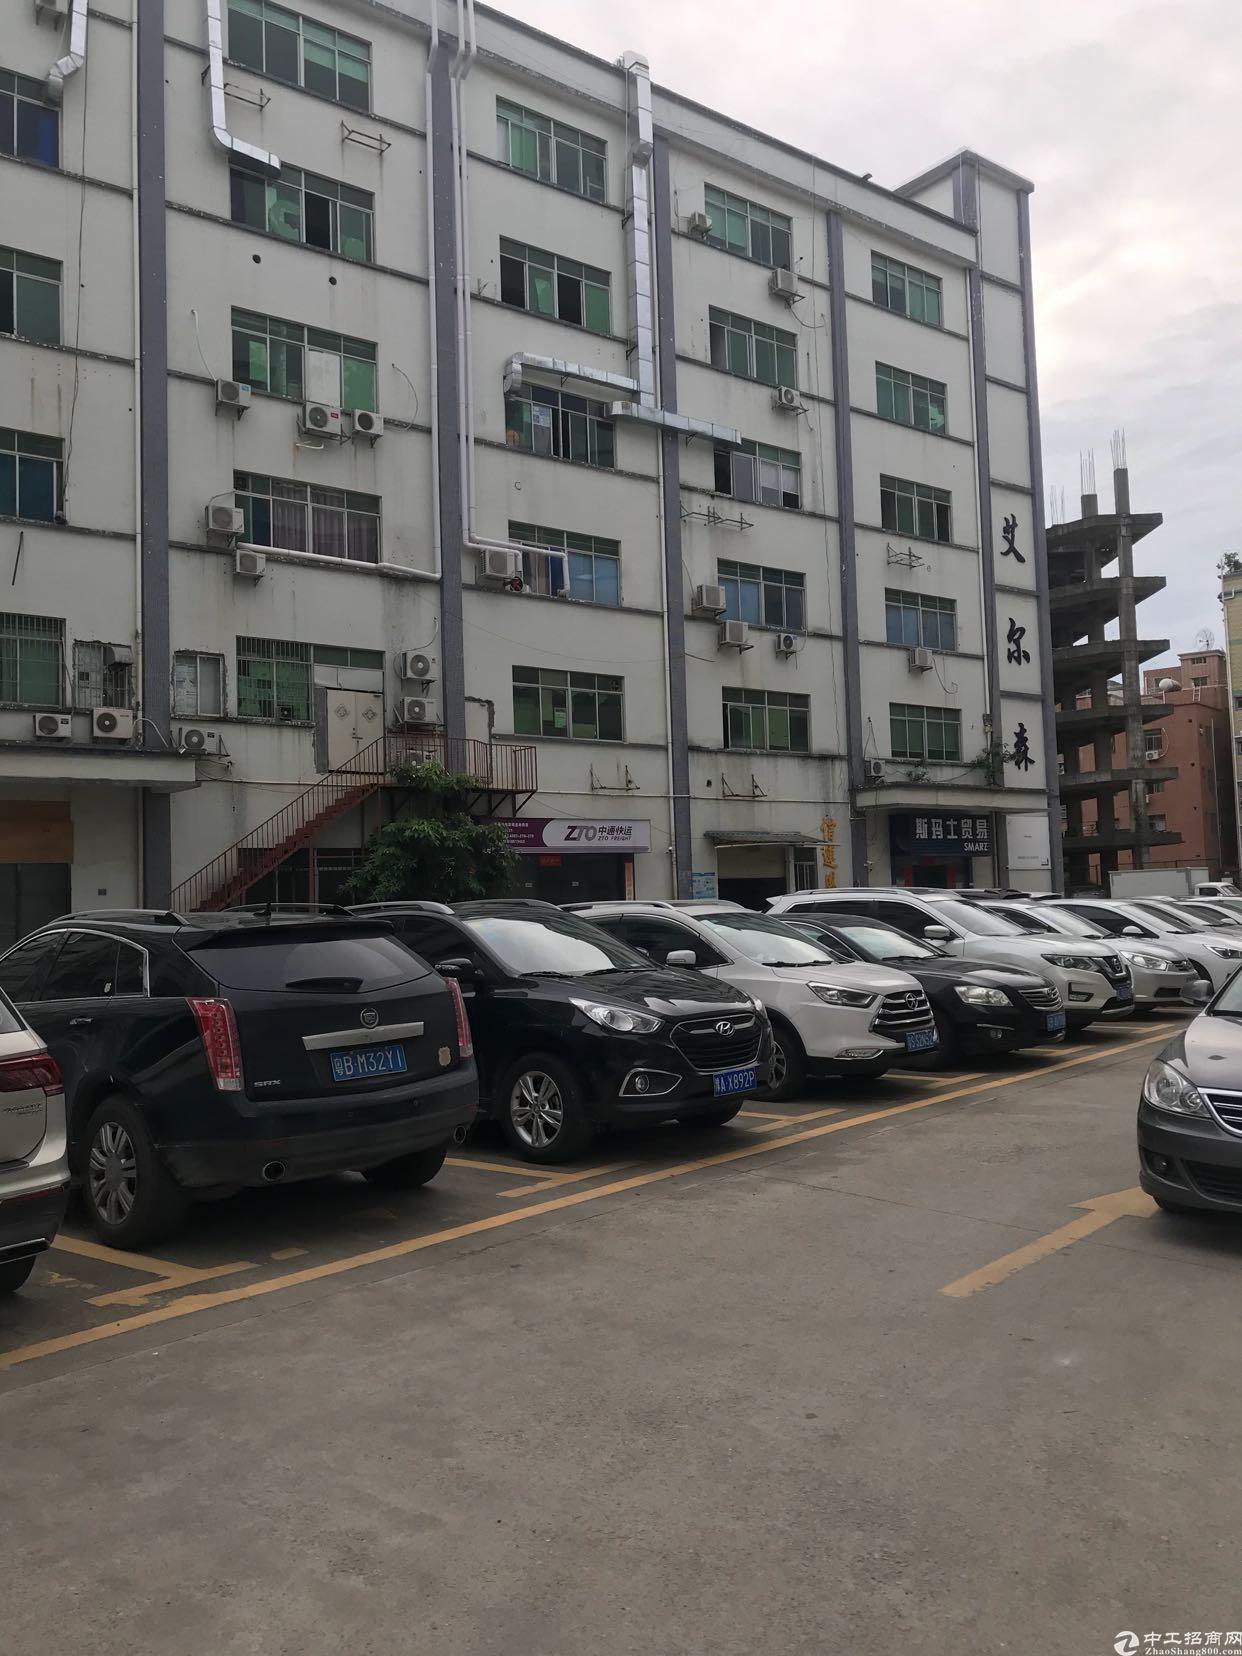 坂田天安云谷傍边新出1500平方厂房带装修停车位多